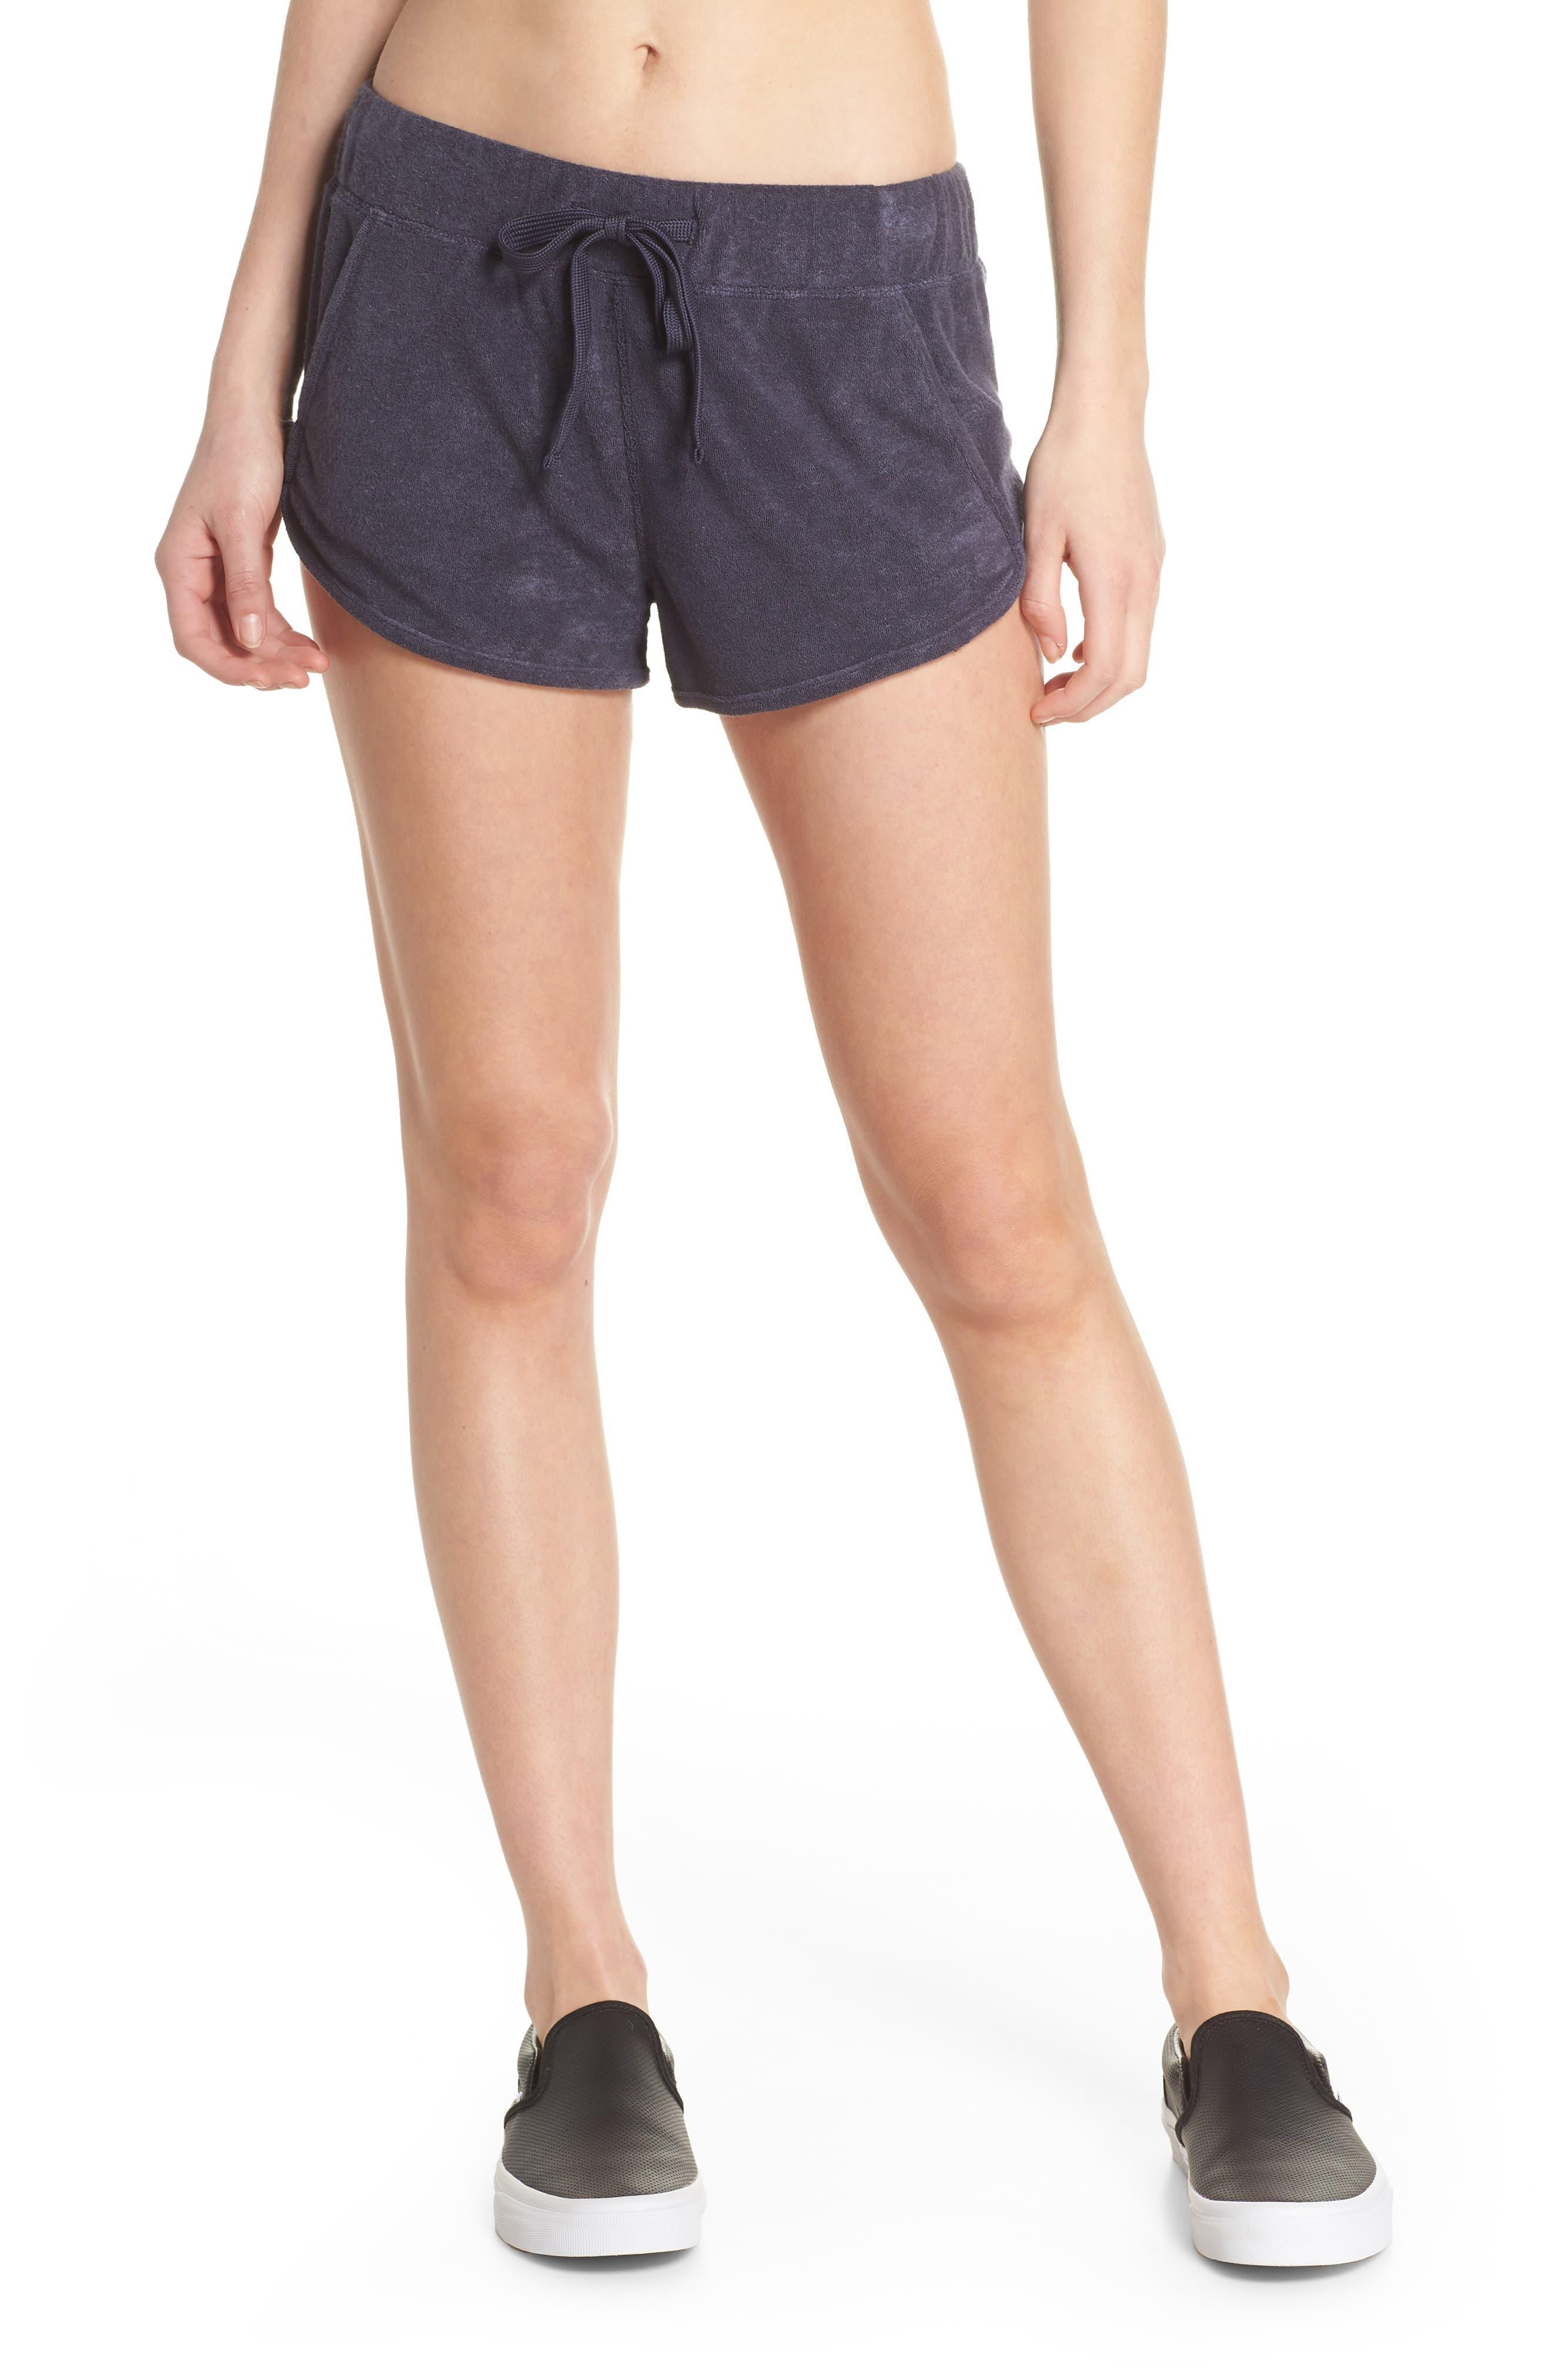 Spa Shorts,                             Main thumbnail 1, color,                             021